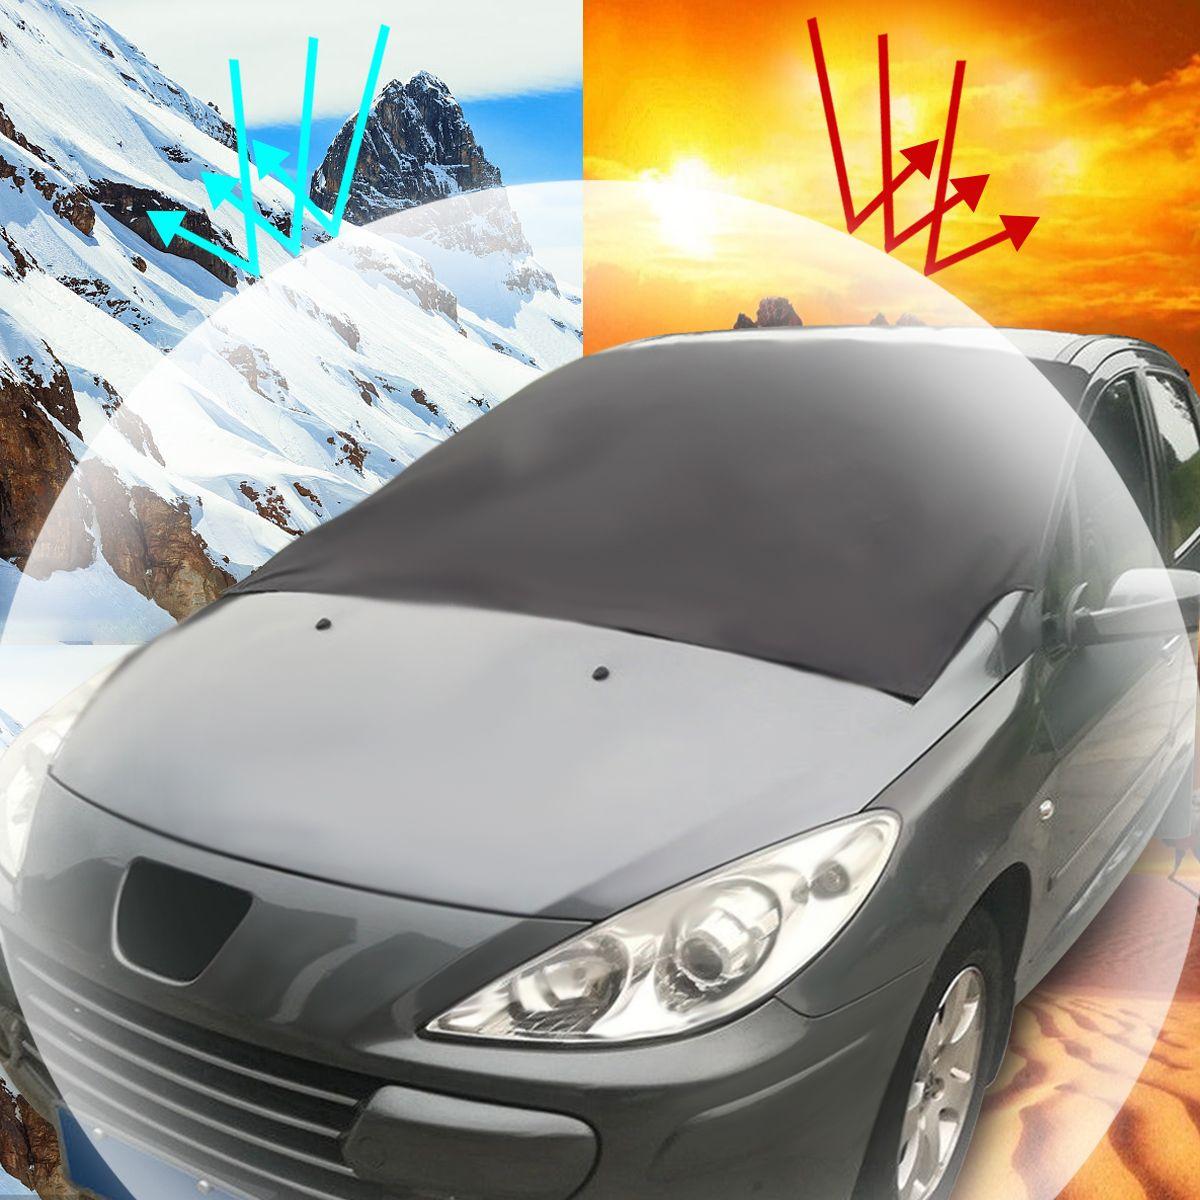 Großhandelsaußenreise-Auto-Sonnenschutz SUV-Magnet-Windschutzscheiben-Abdeckung Sun-Schild-Schnee-Eis Sun Frost Portector